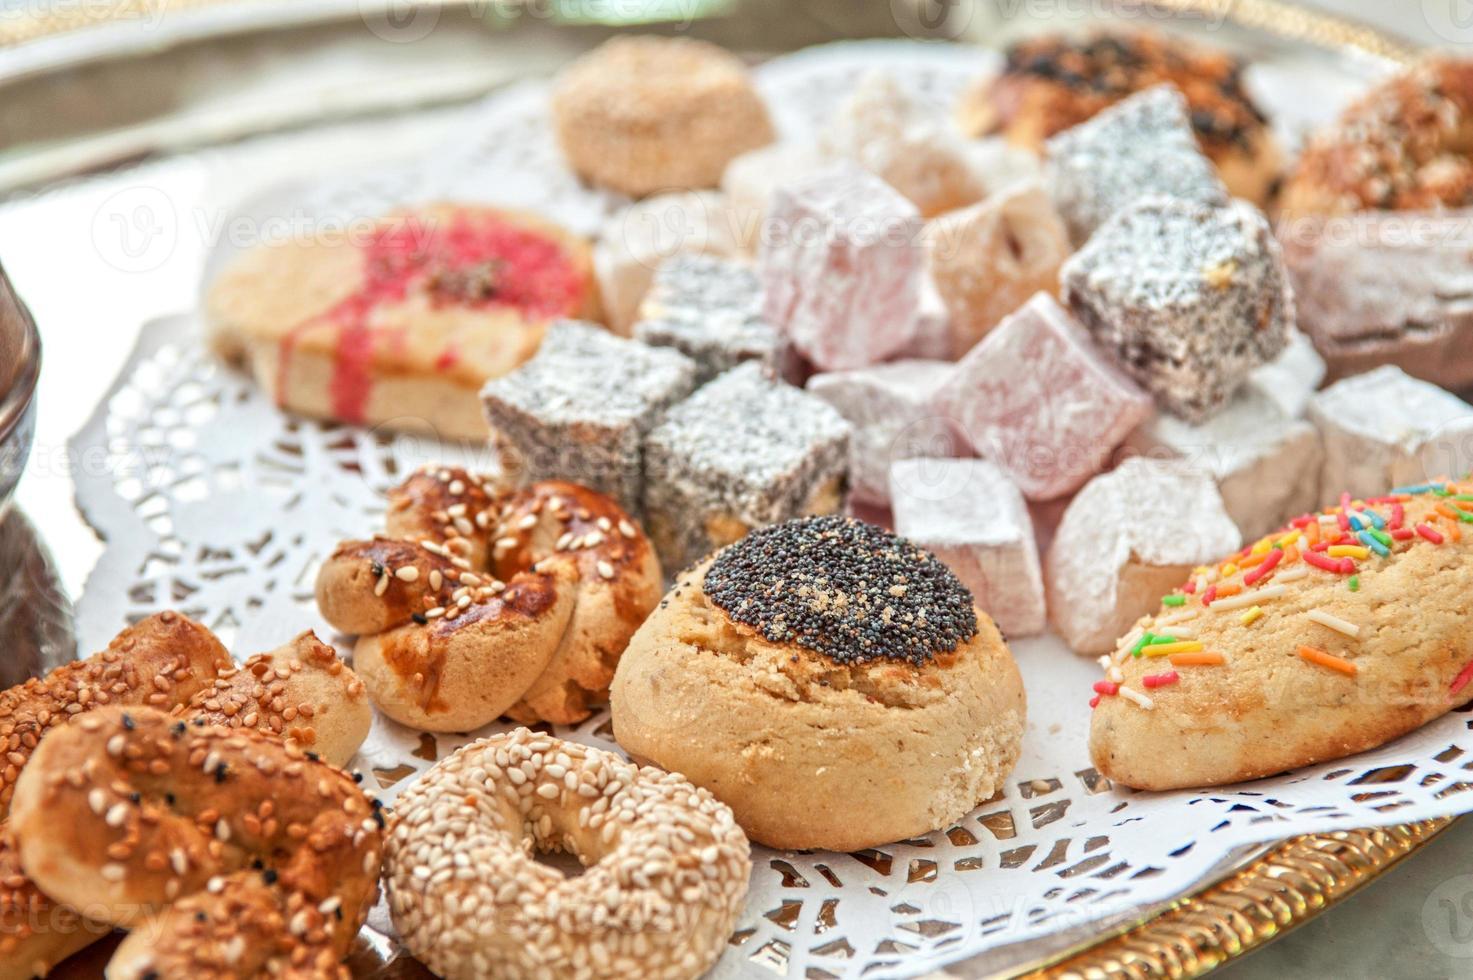 dolce delizia turca foto